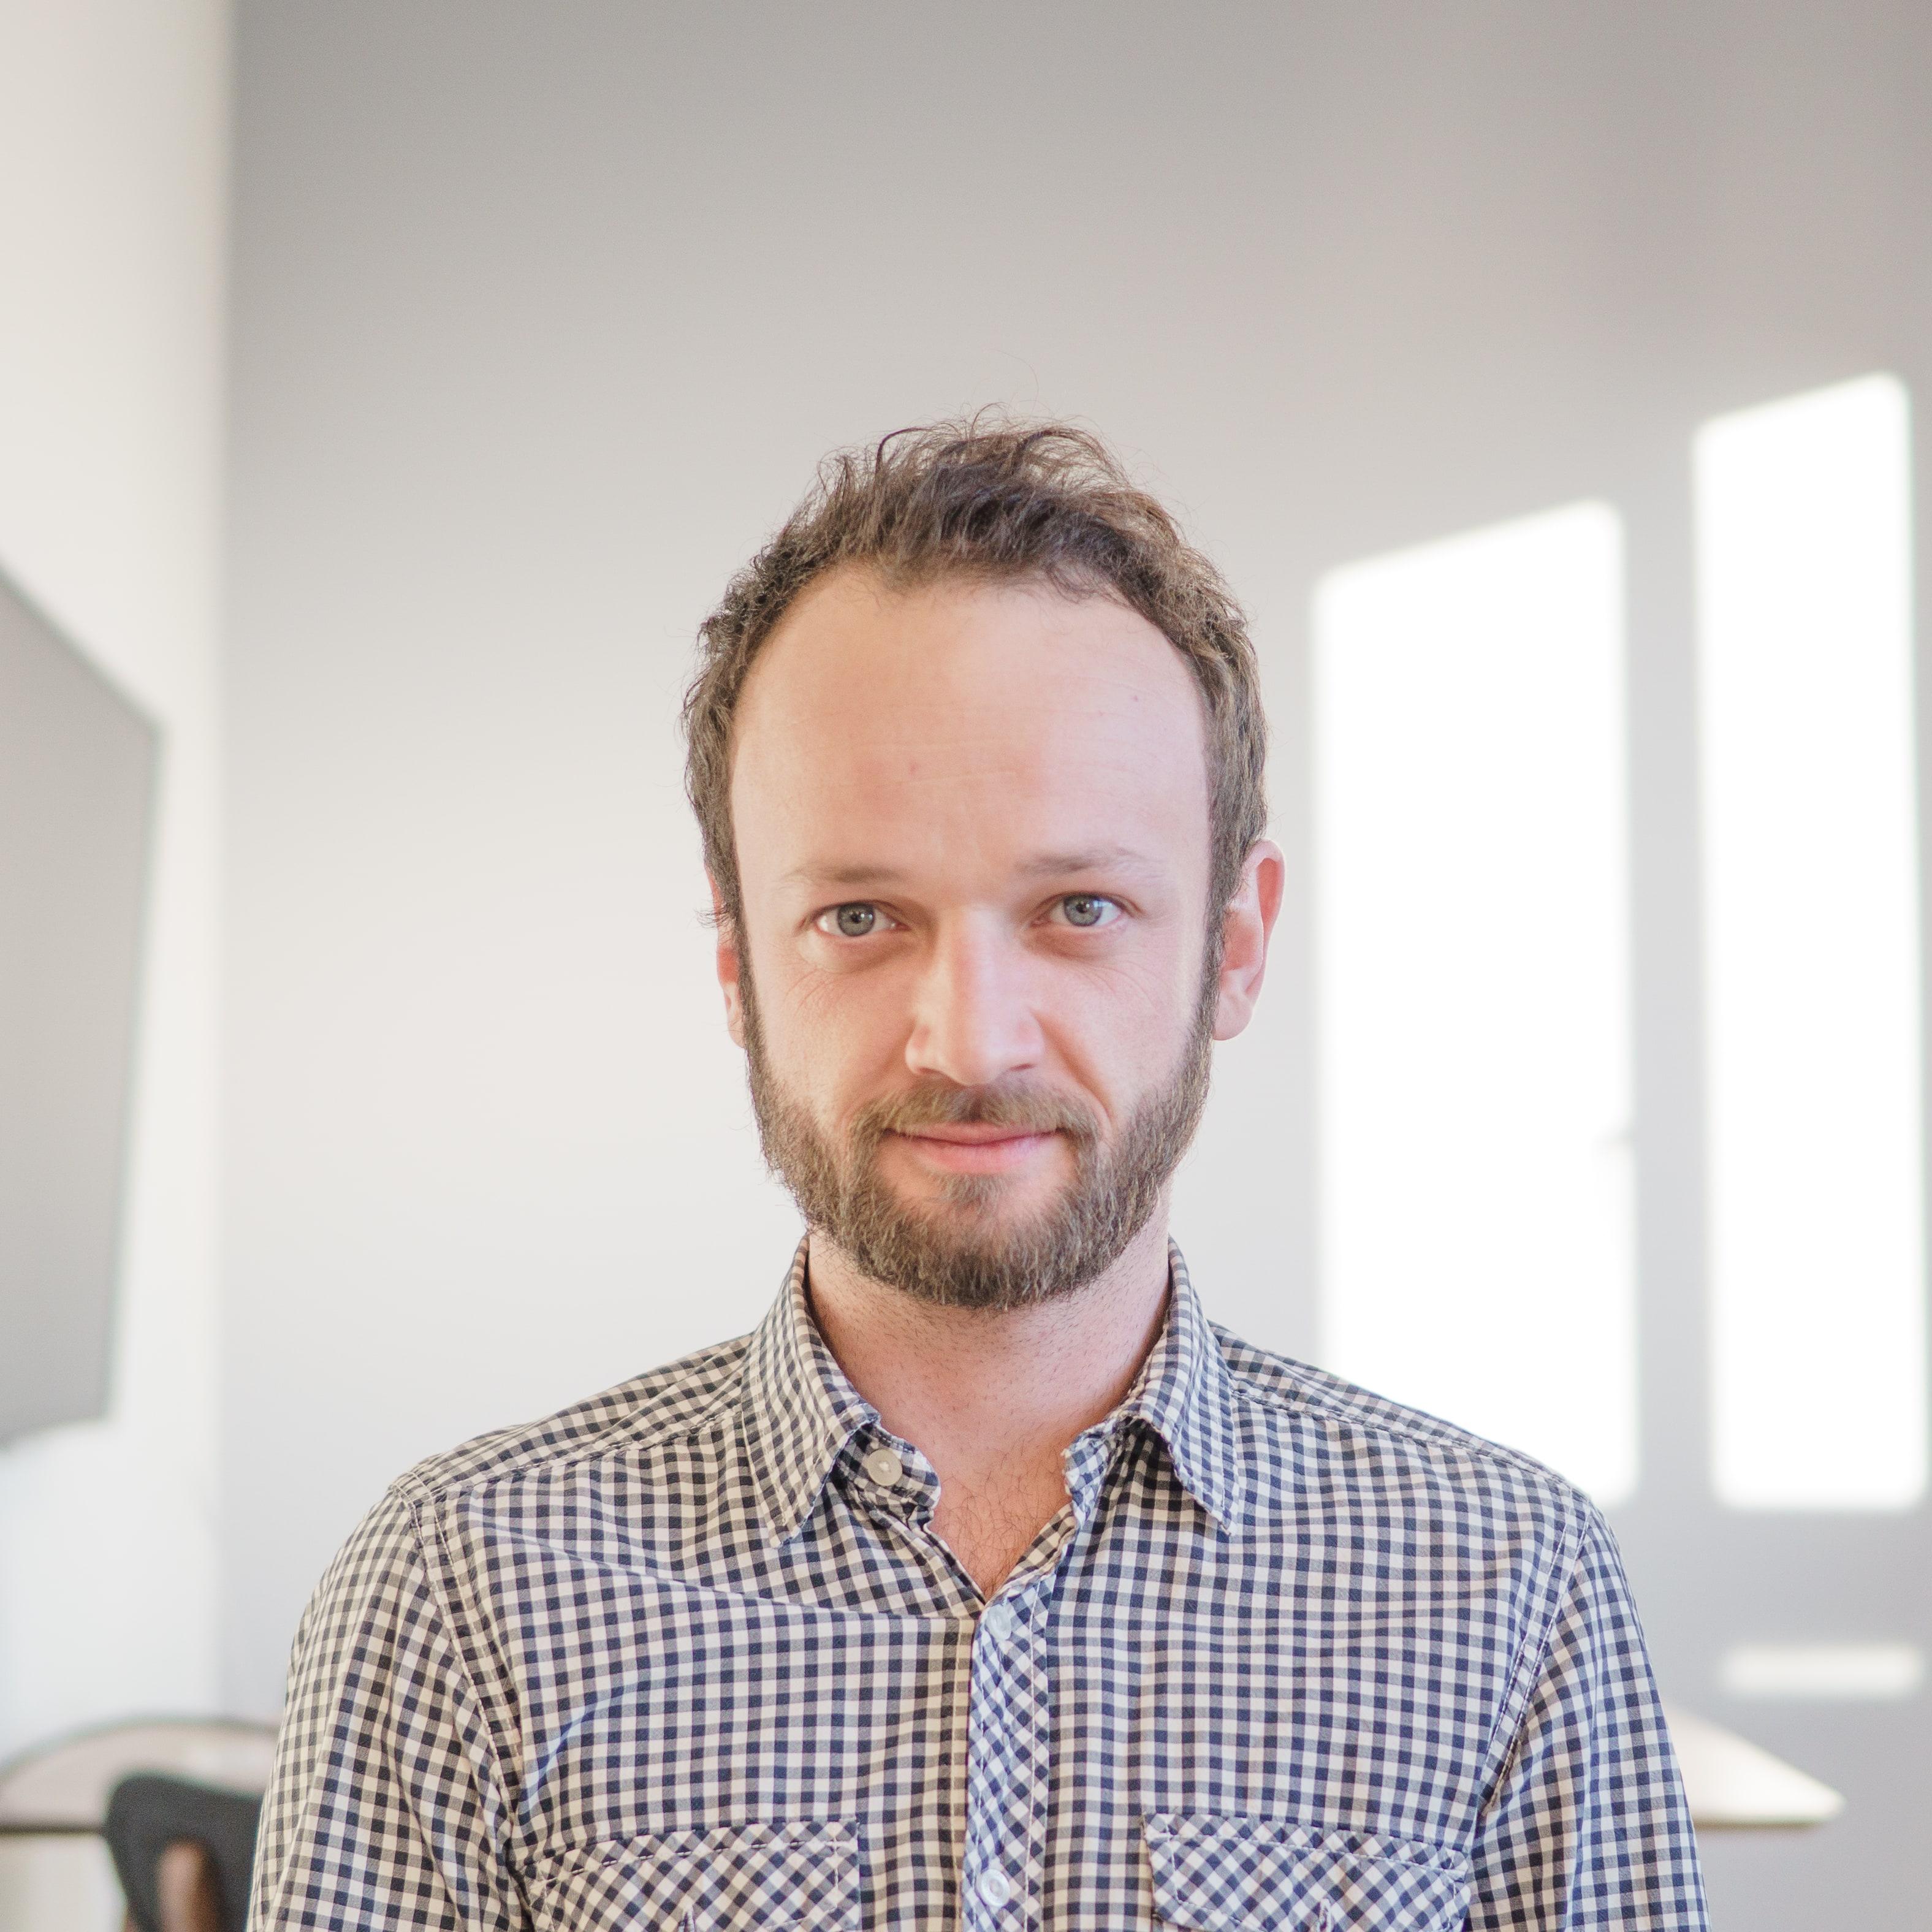 Florian Schaeffer